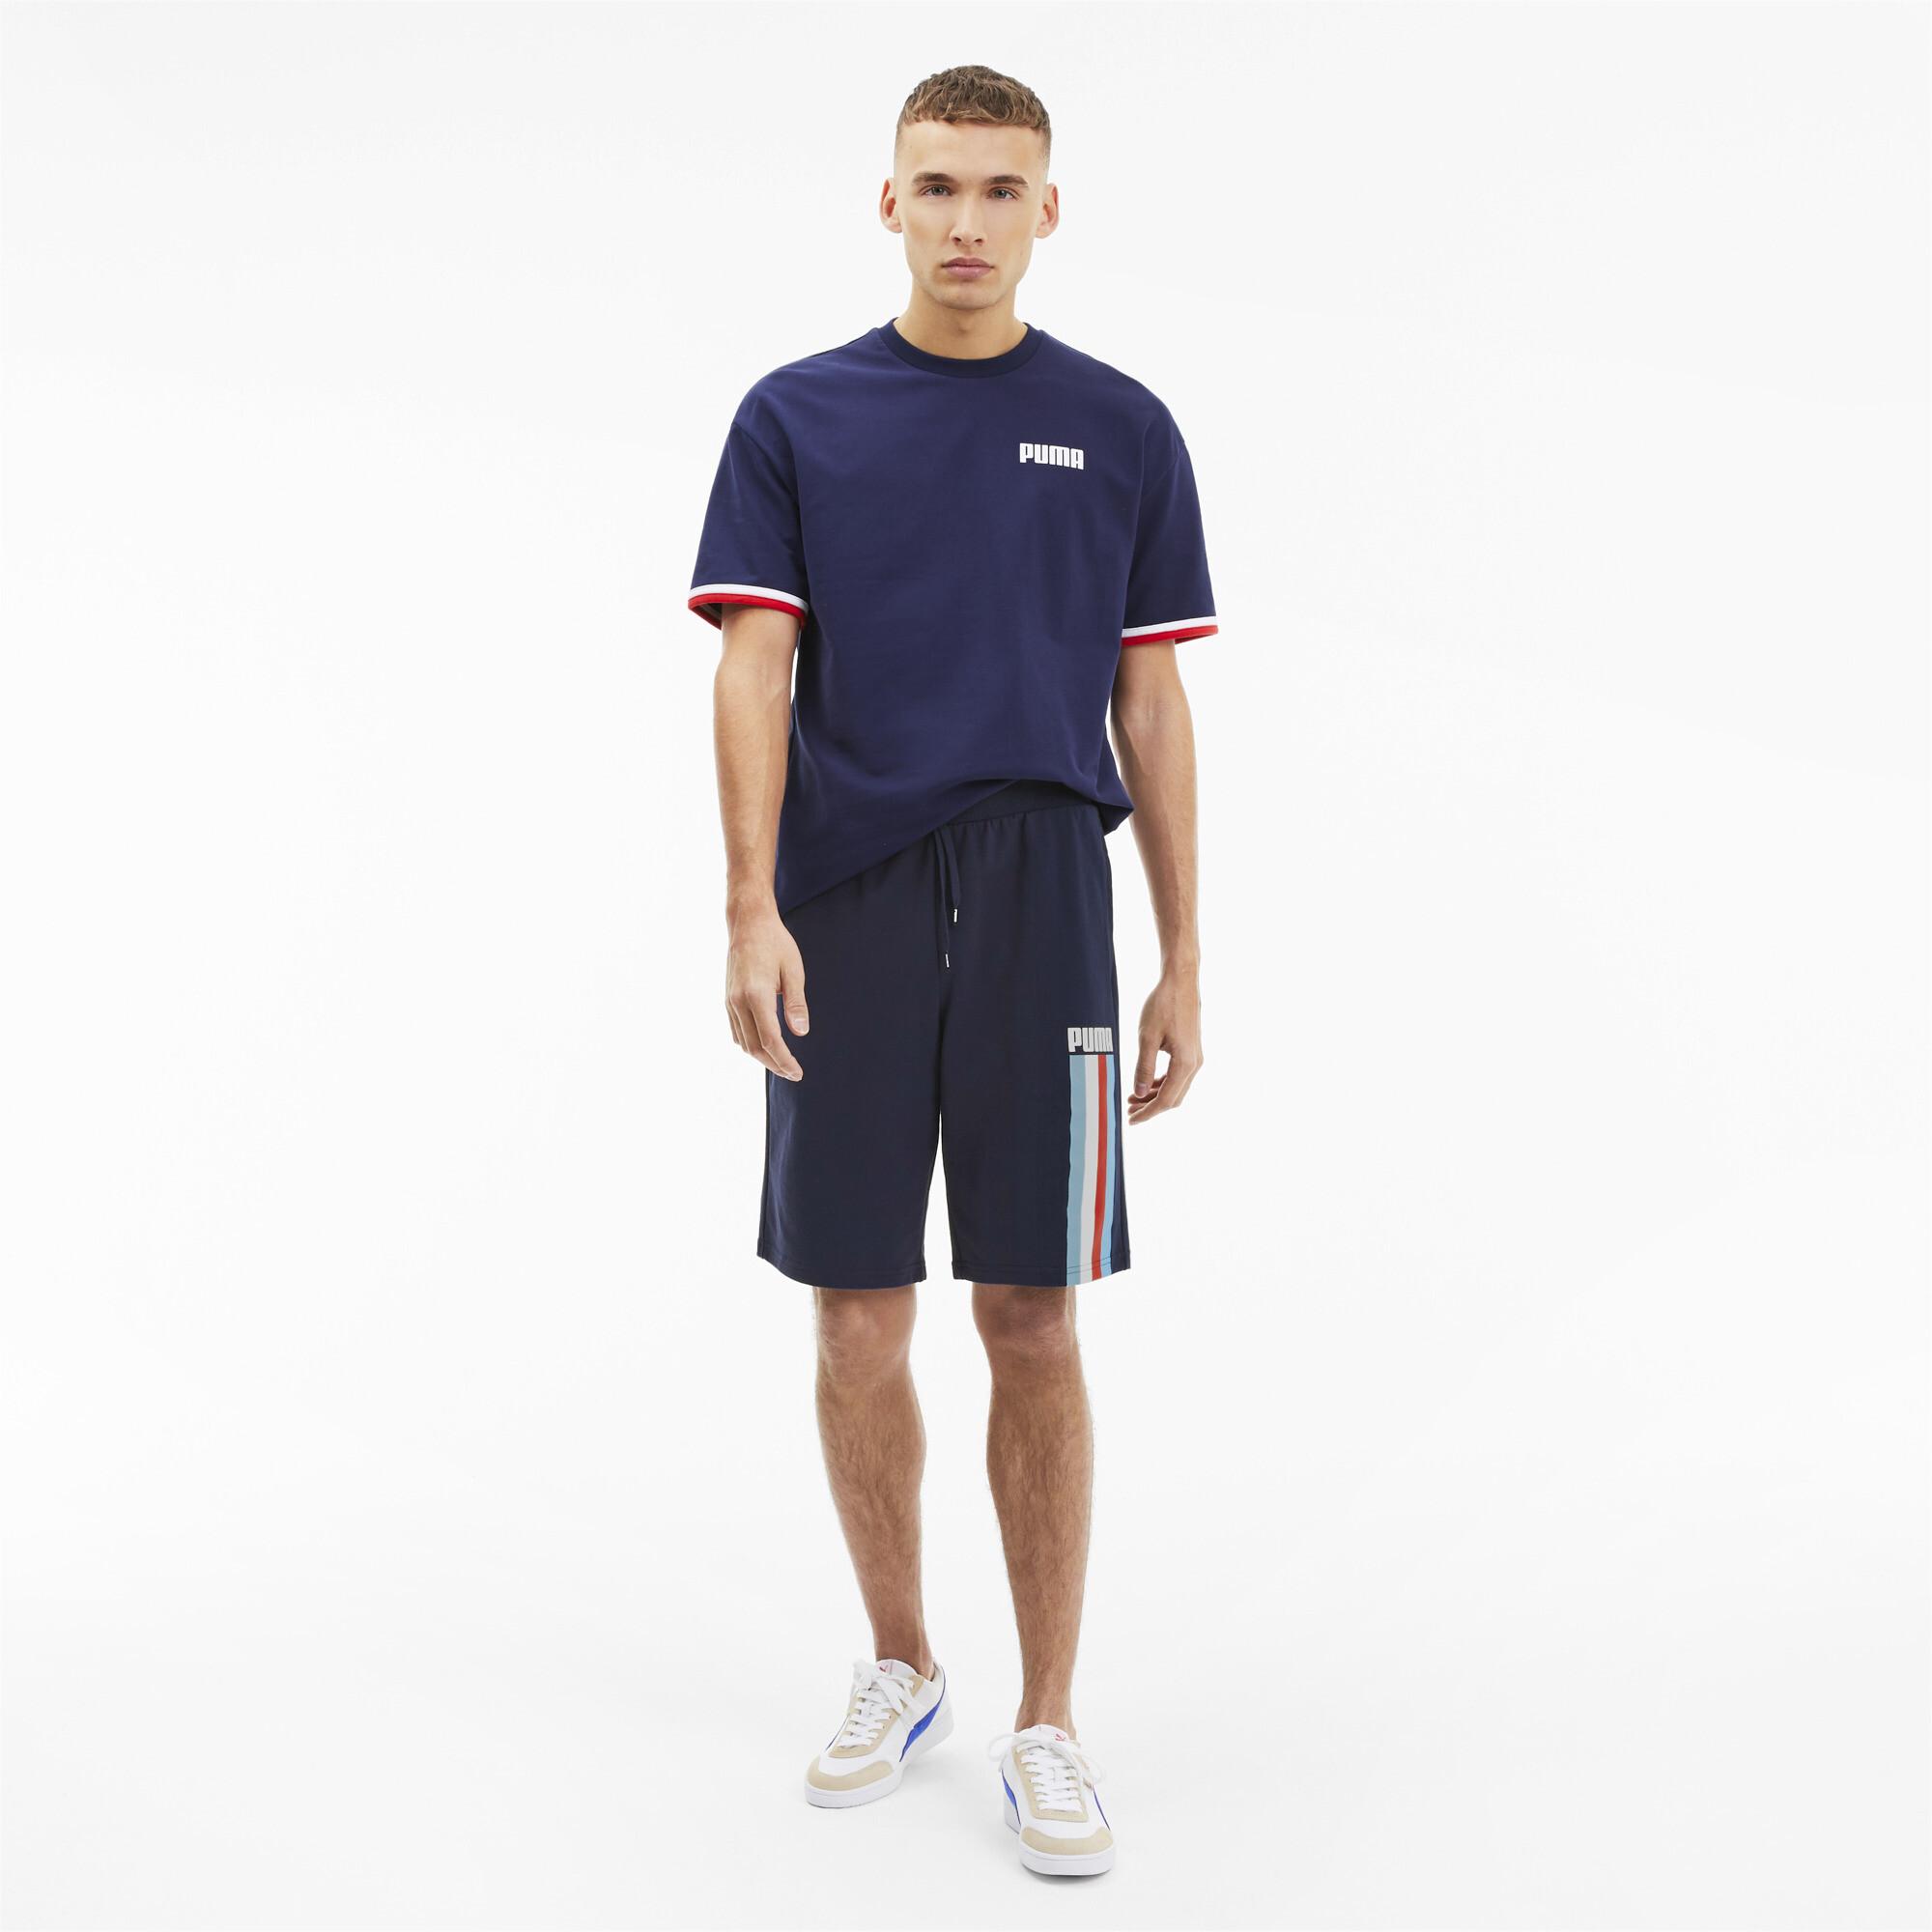 PUMA-Celebration-Men-039-s-Shorts-Men-Knitted-Shorts-Basics thumbnail 11